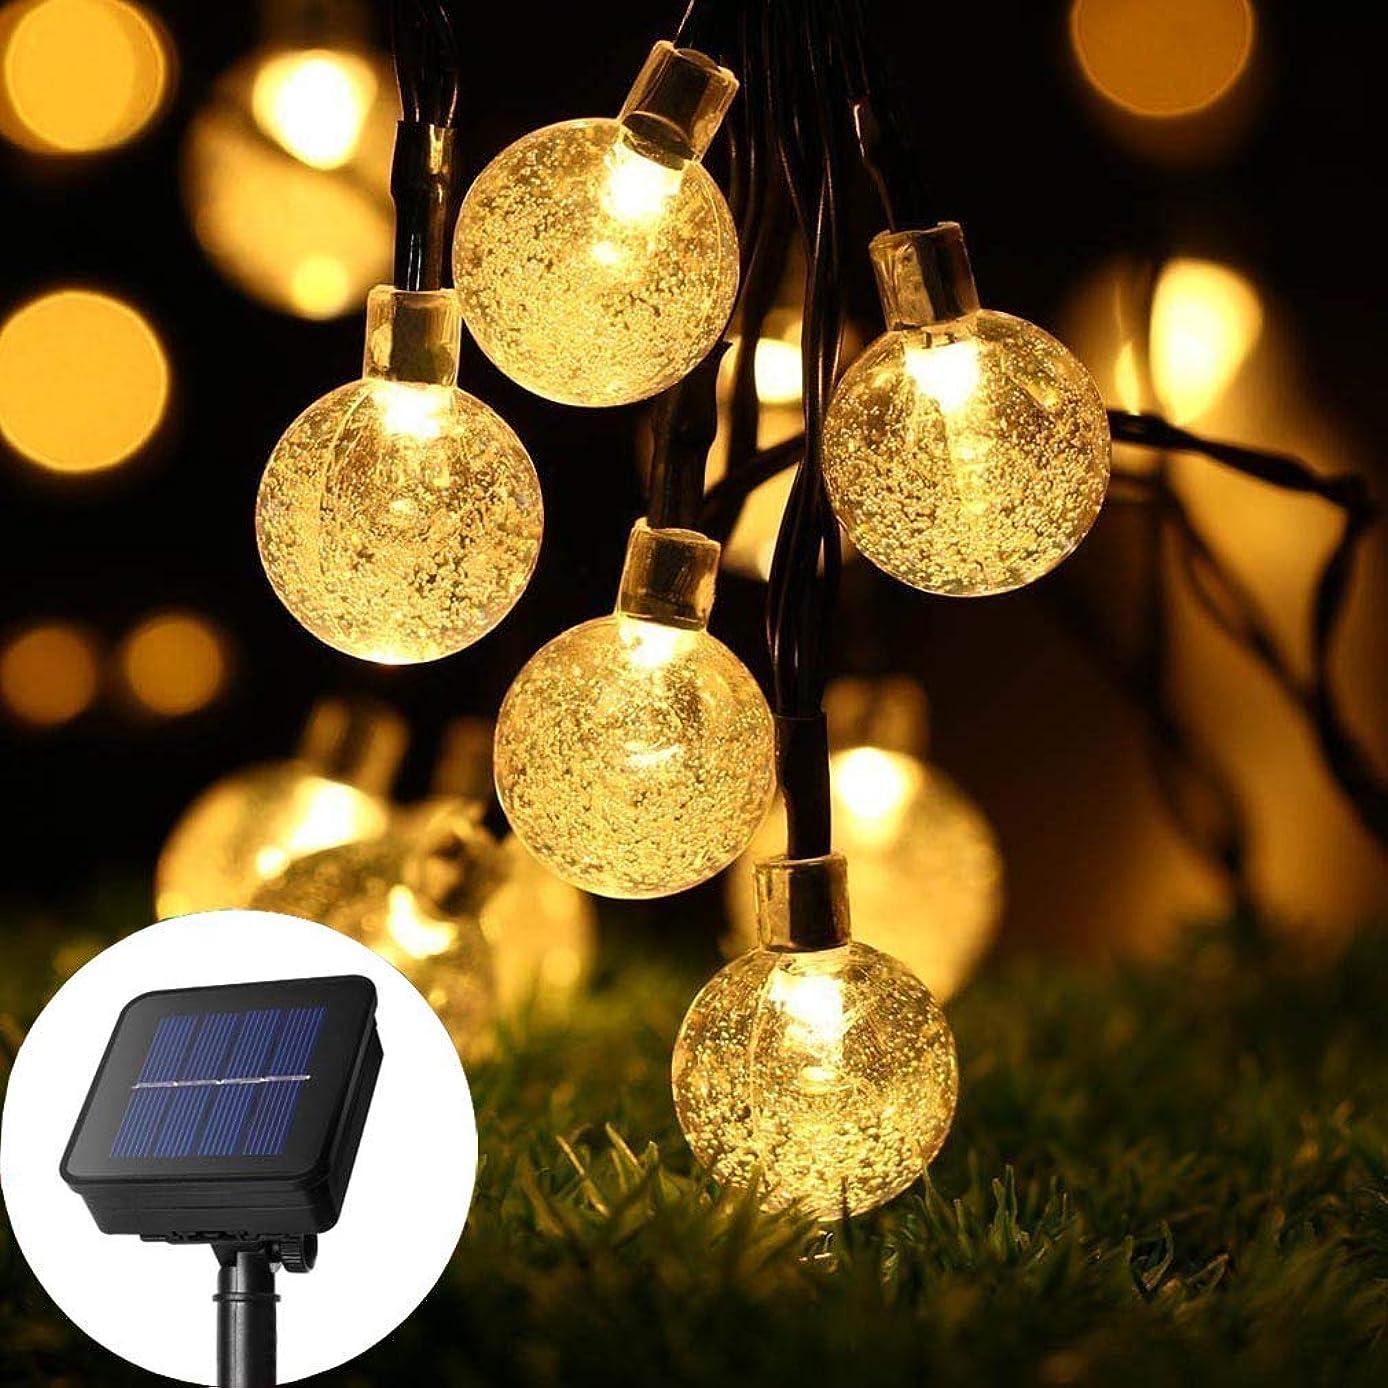 手がかりモーターコントローラソーラーストリングライト、6M 30 LEDグローブフェアリーライト屋外防水クリスタルボール照明、ガーデンパティオのための雰囲気照明、結婚式、パーティー、家の風景、木の装飾 (暖かい光 #1)